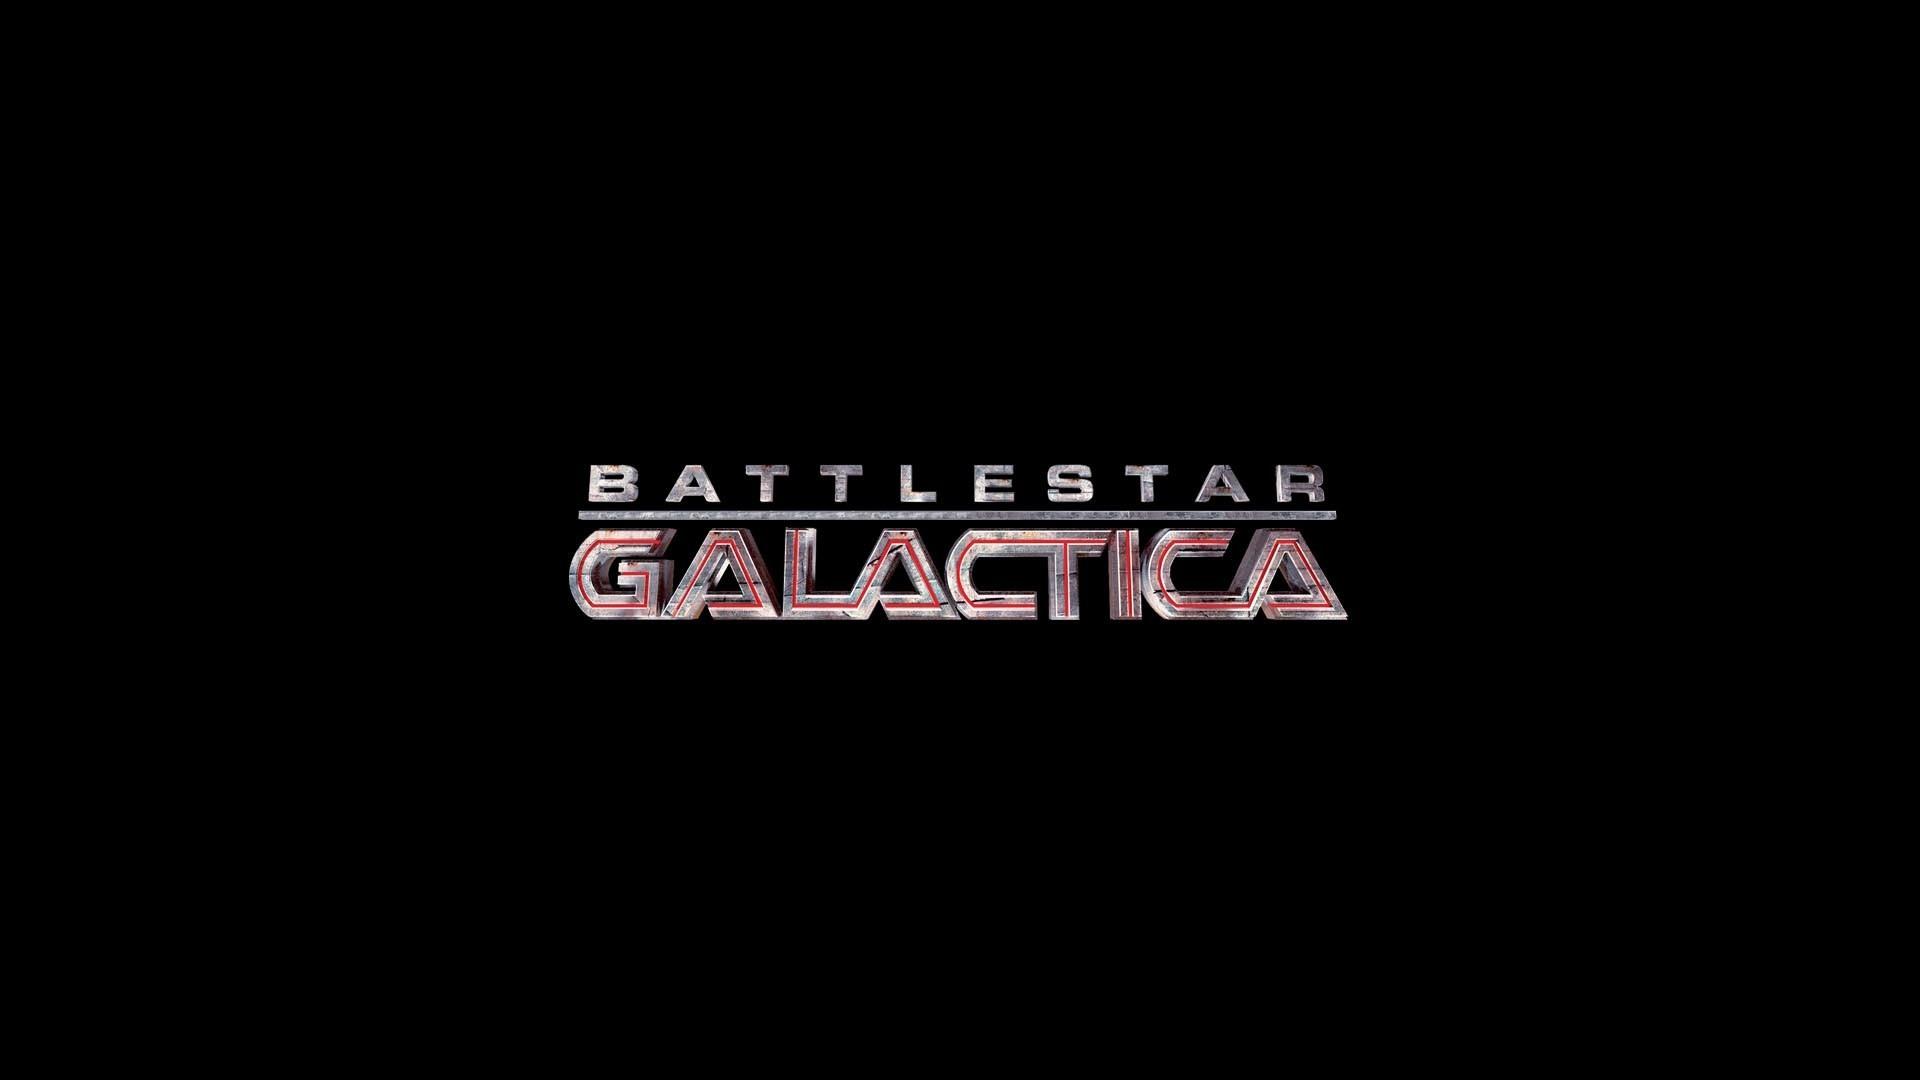 Renton Bishop – Widescreen Wallpapers: battlestar galactica 2003 image –  px